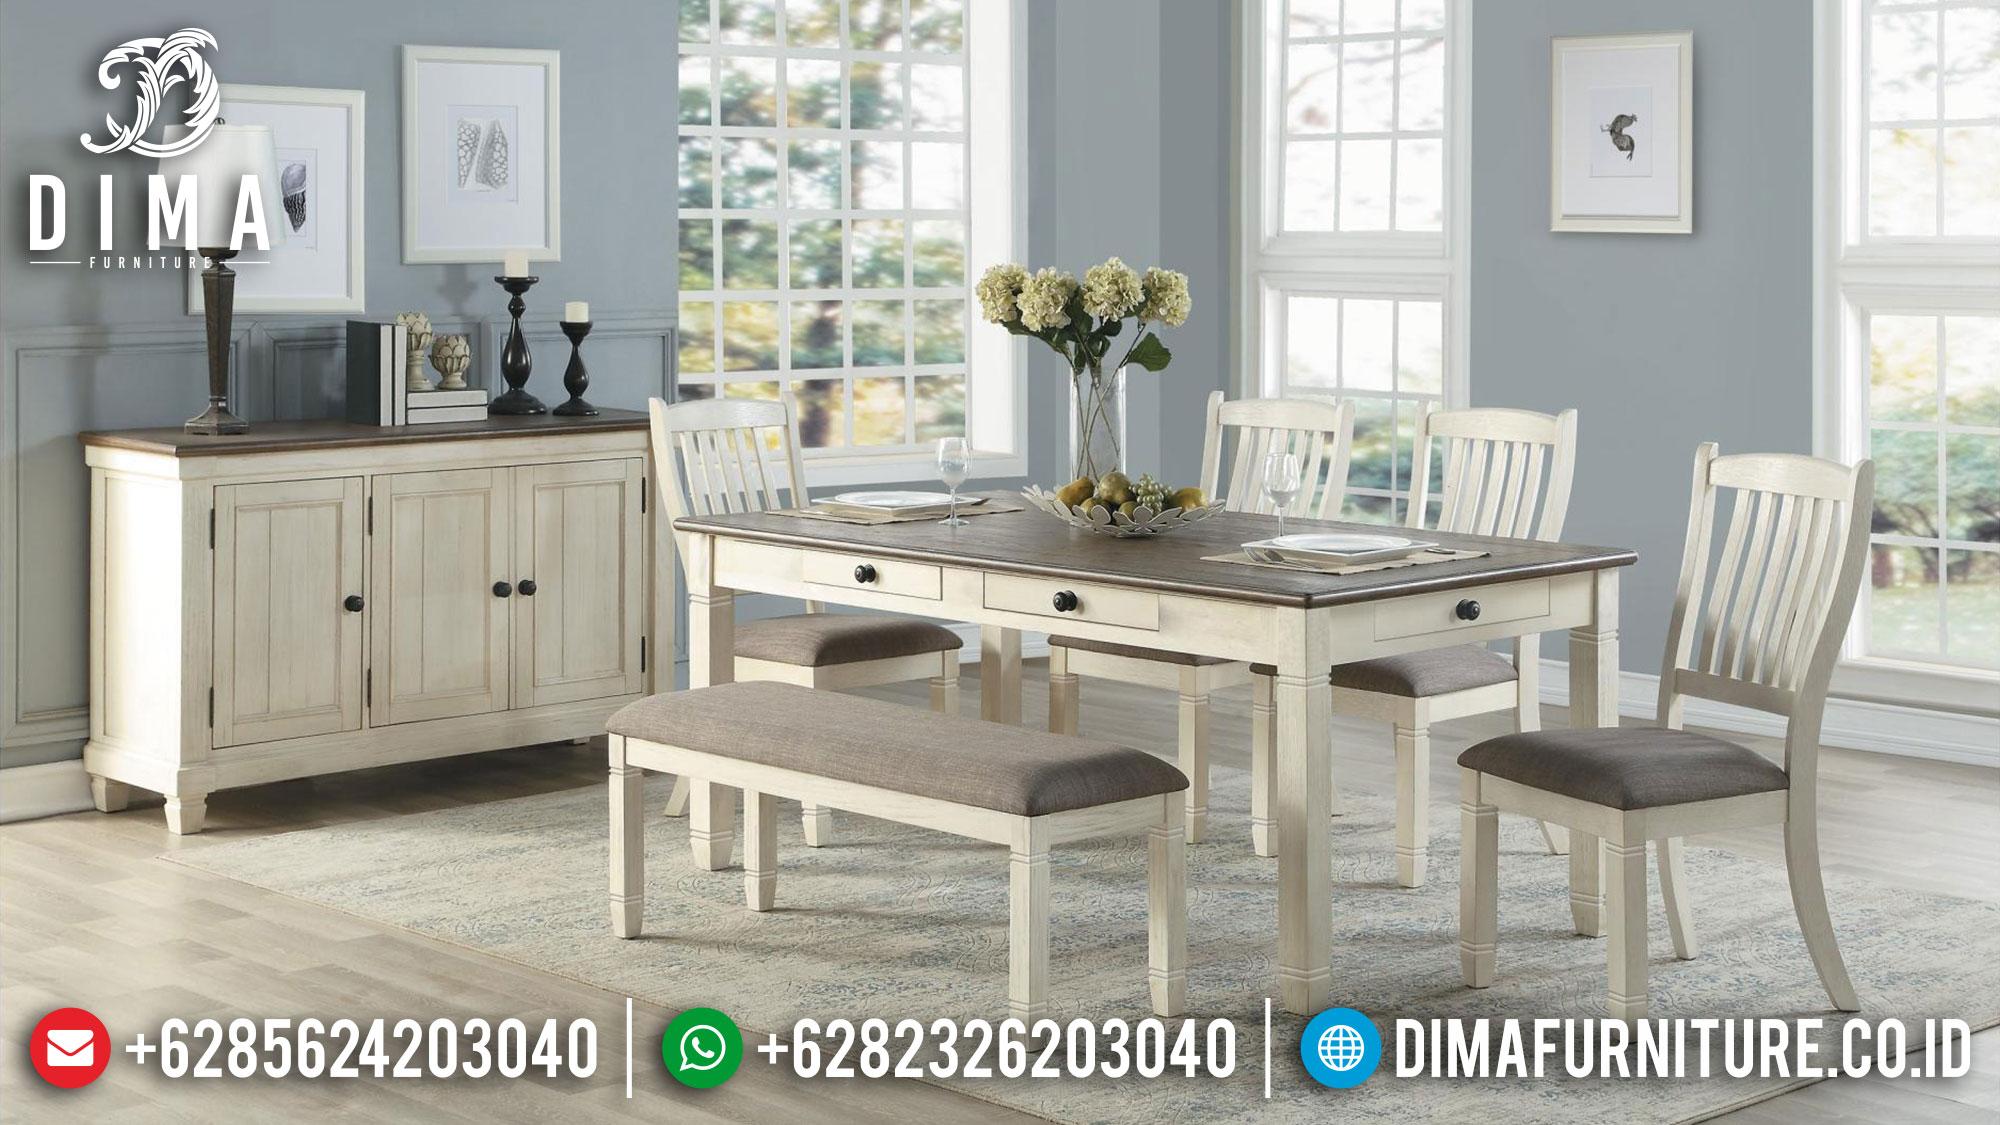 Jual Meja Makan Minimalis Retro Vintage Classic New Design Inspiring MM-0868